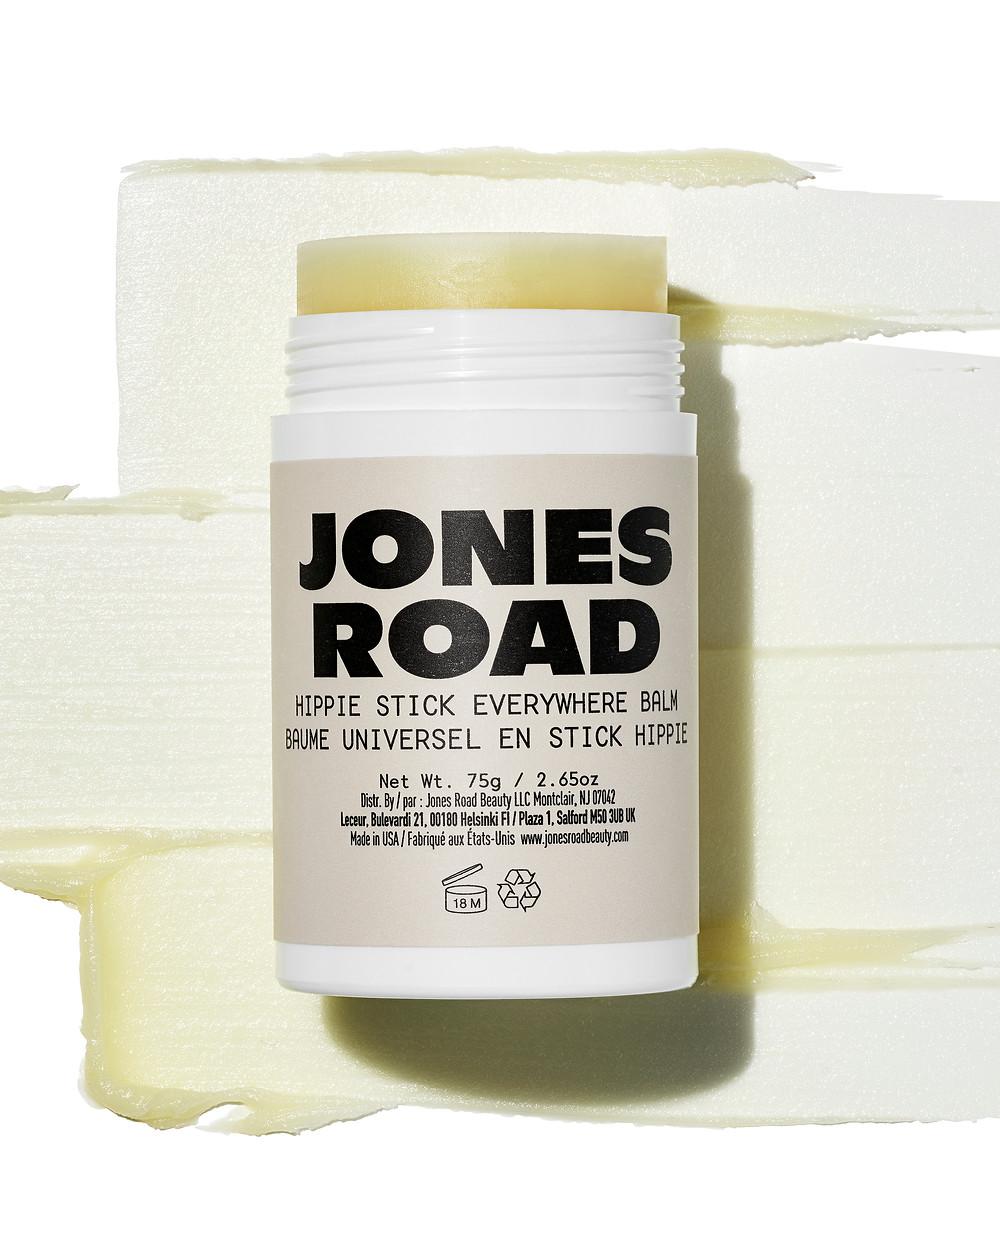 Jones Road by Bobbi Brown